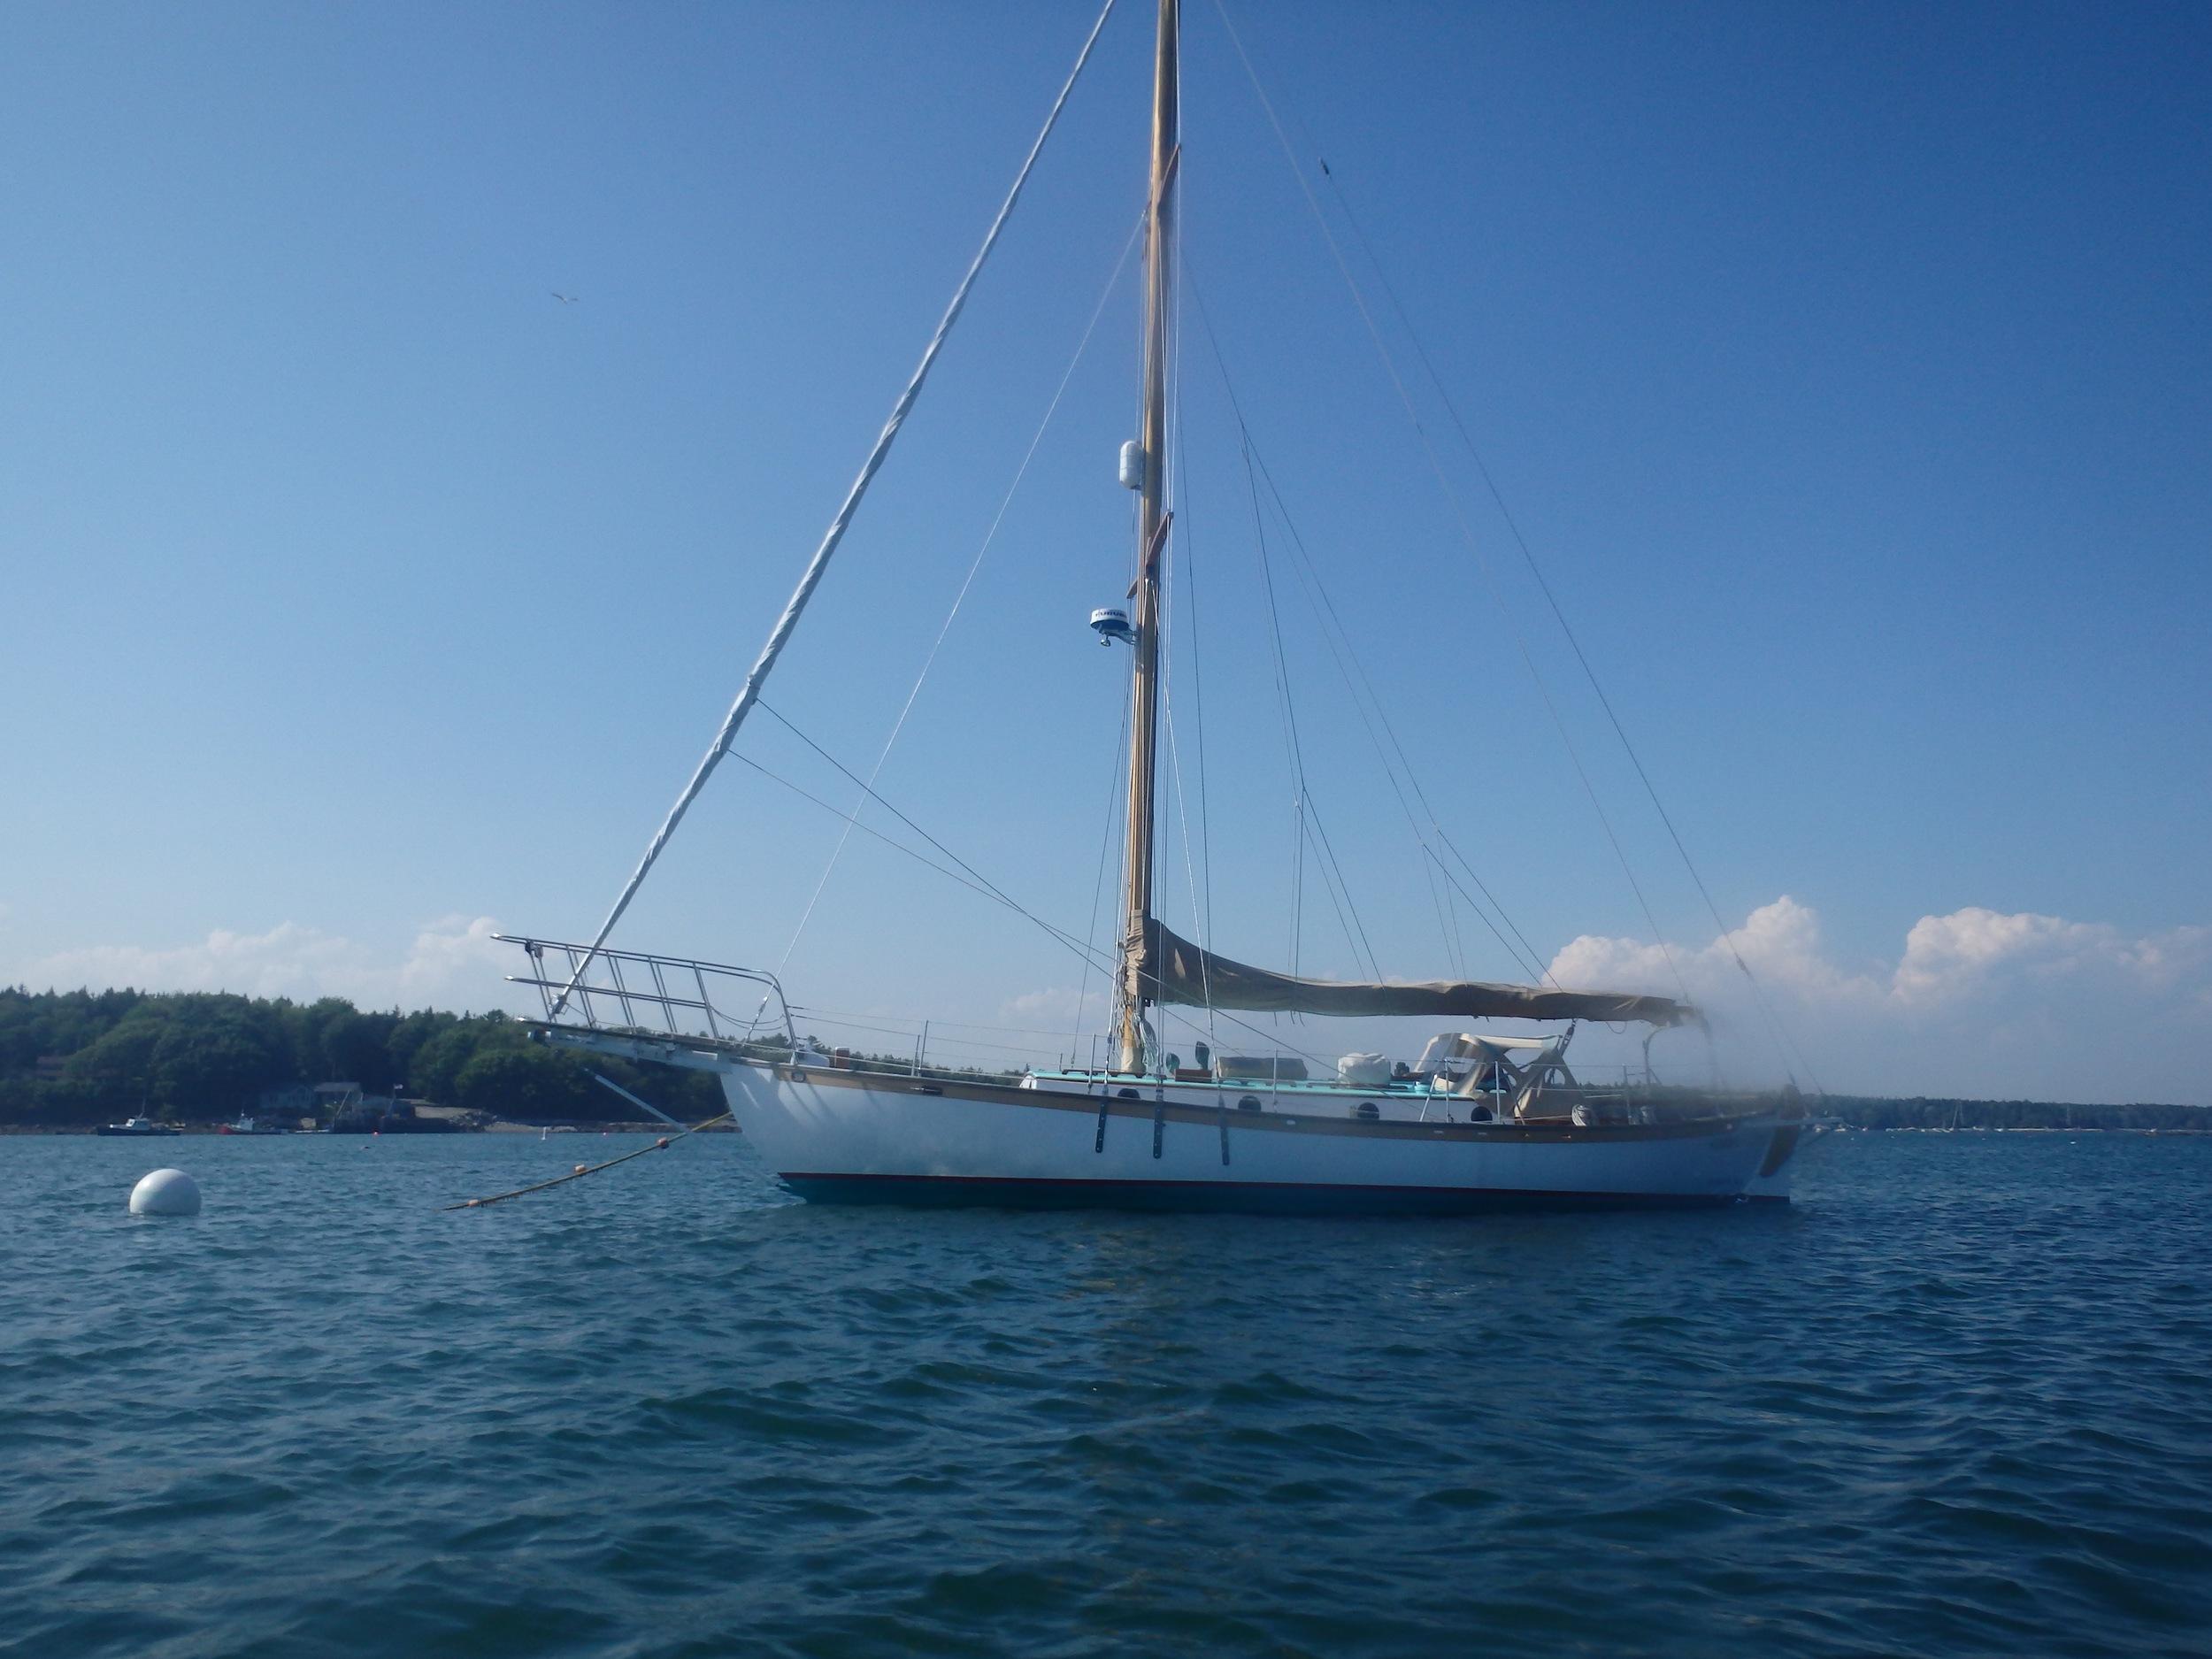 Sloop in Tenants Harbor, another view